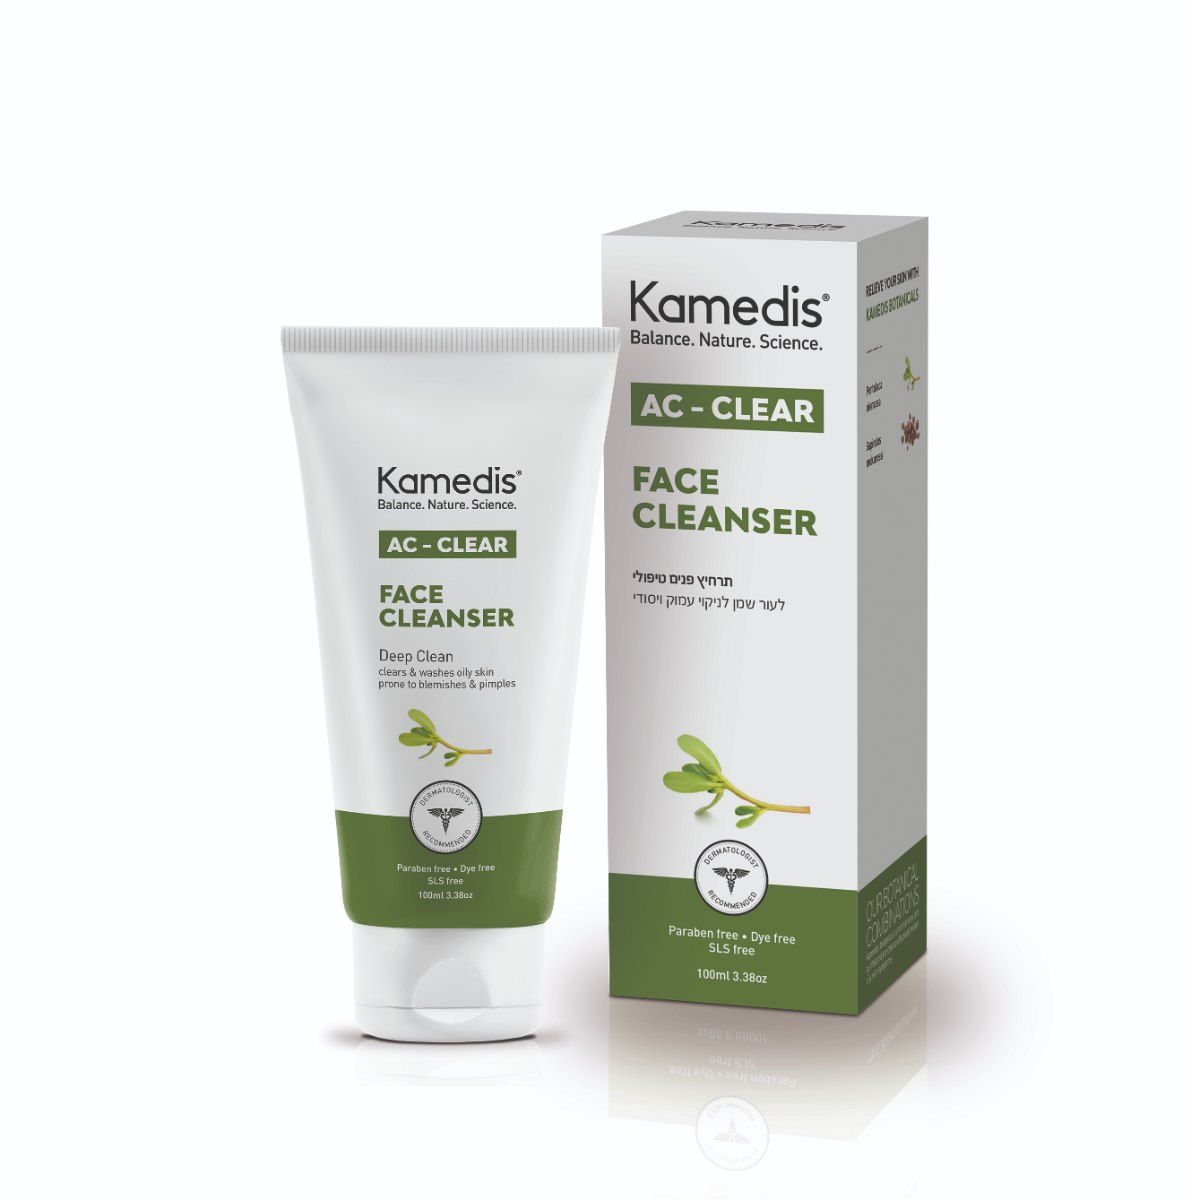 ג'ל ניקוי טיפולי לעור שמן הנוטה לפצעונים - AC - CLEAR FACE CLEANSER